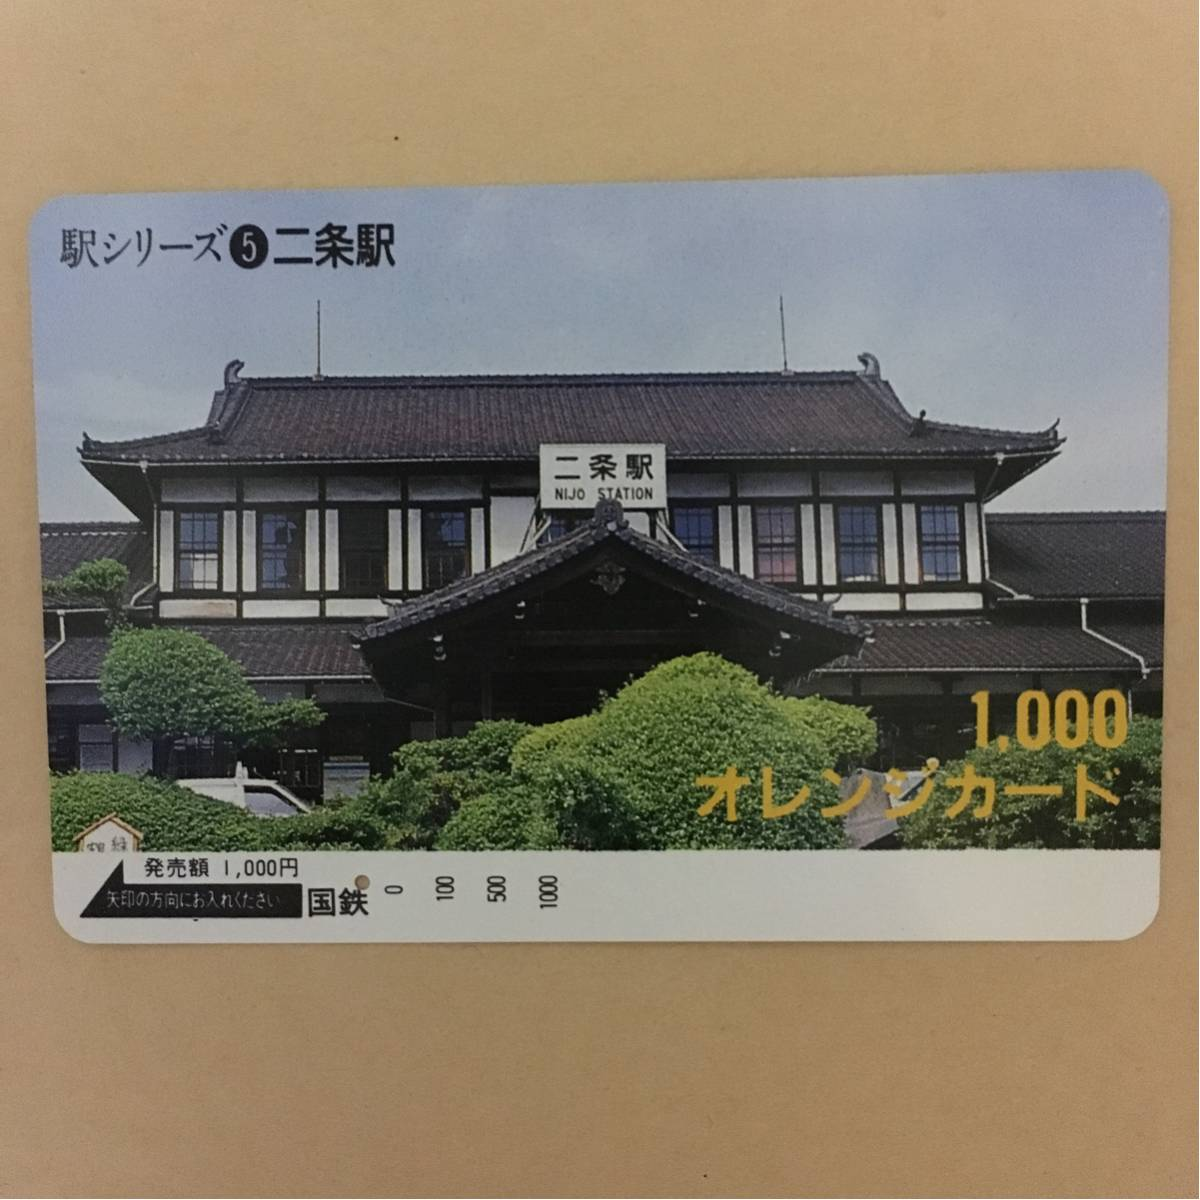 【使用済1穴】 オレンジカード JR東日本 駅シリーズ 二条駅_画像1